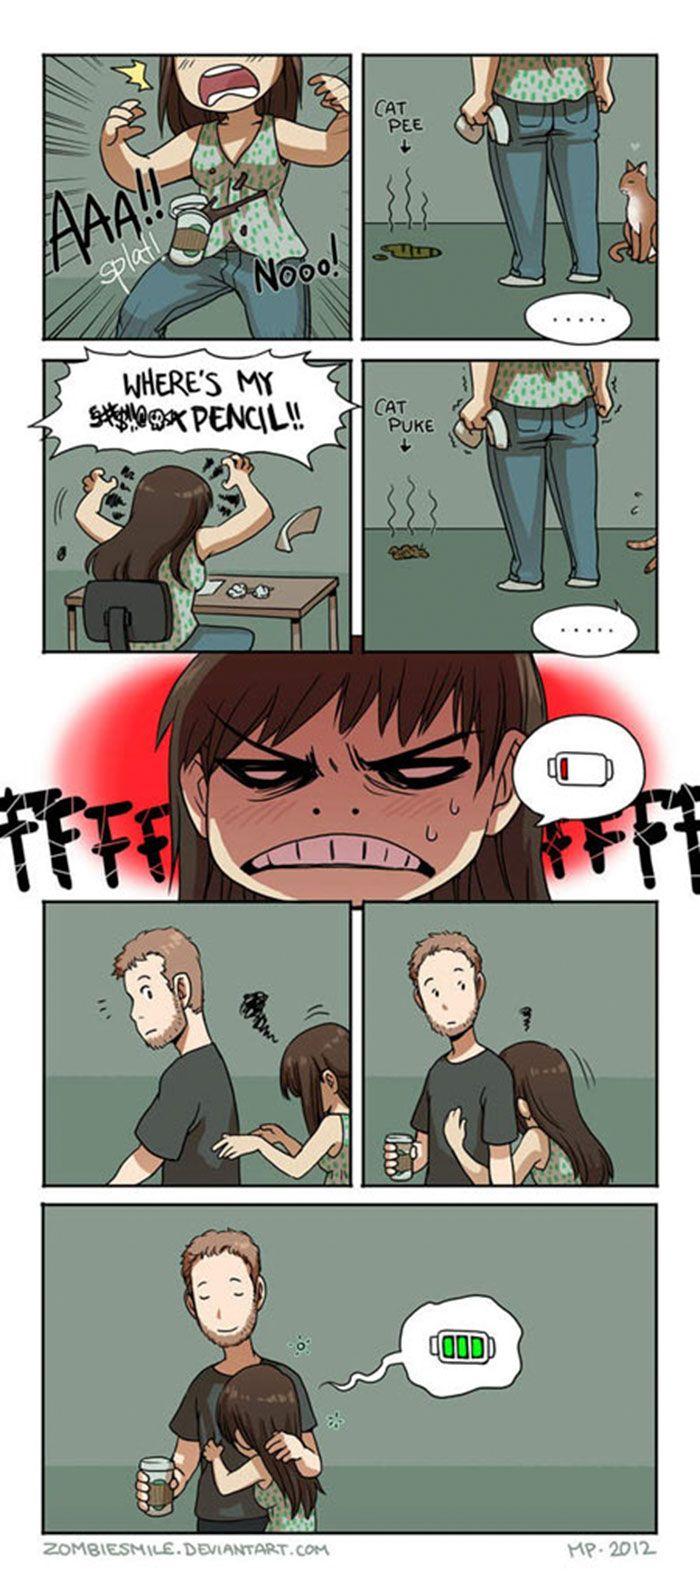 Funny Relationship Comics Relationship Comics Cute Comics